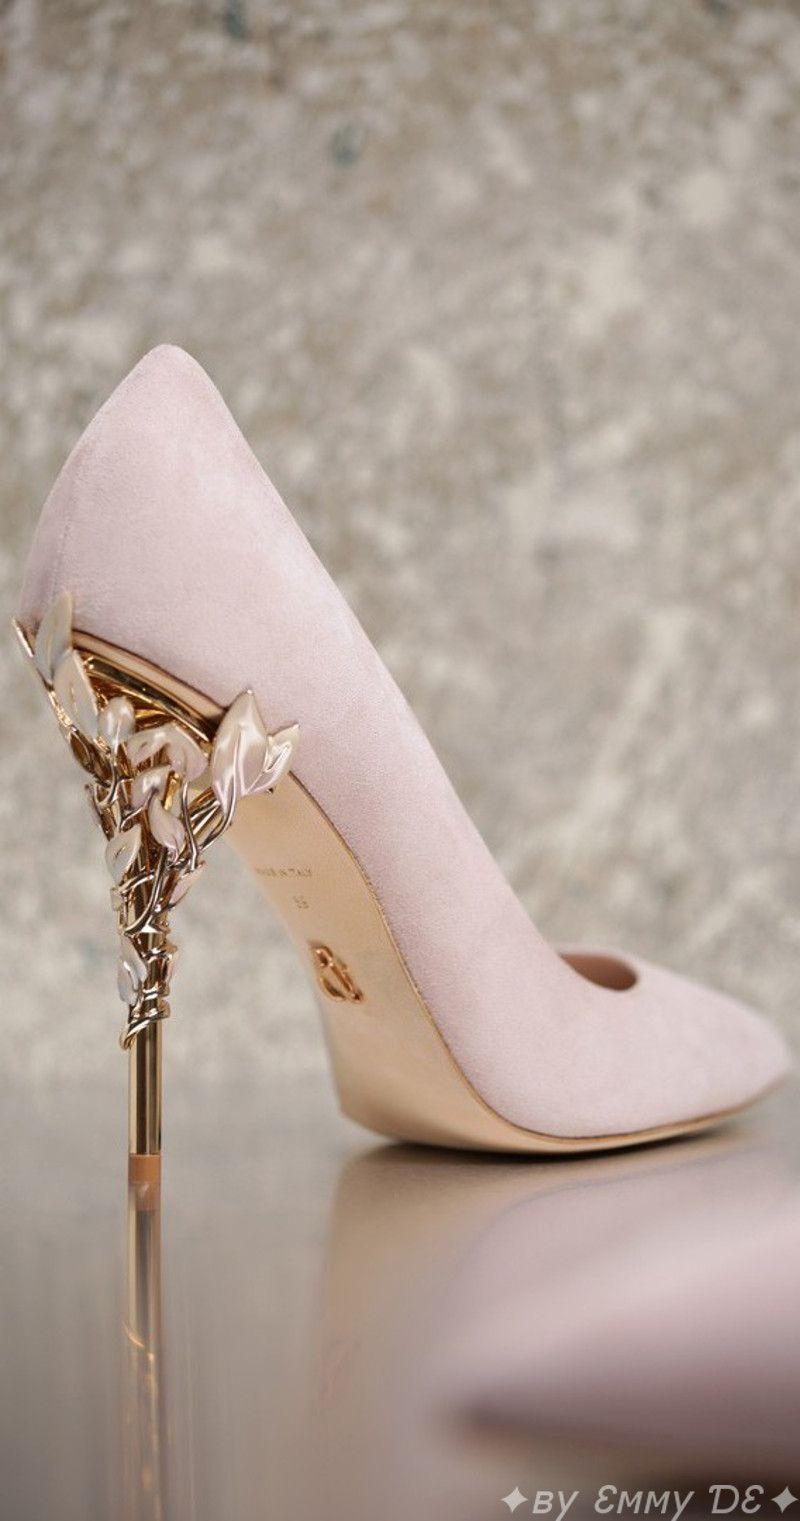 Brilliant Luxury By Emmy De Ralph Russo Eden Heel Aw 2016 17 Zapatos De Novia Zapatos De Quinceanera Zapatos De Boda